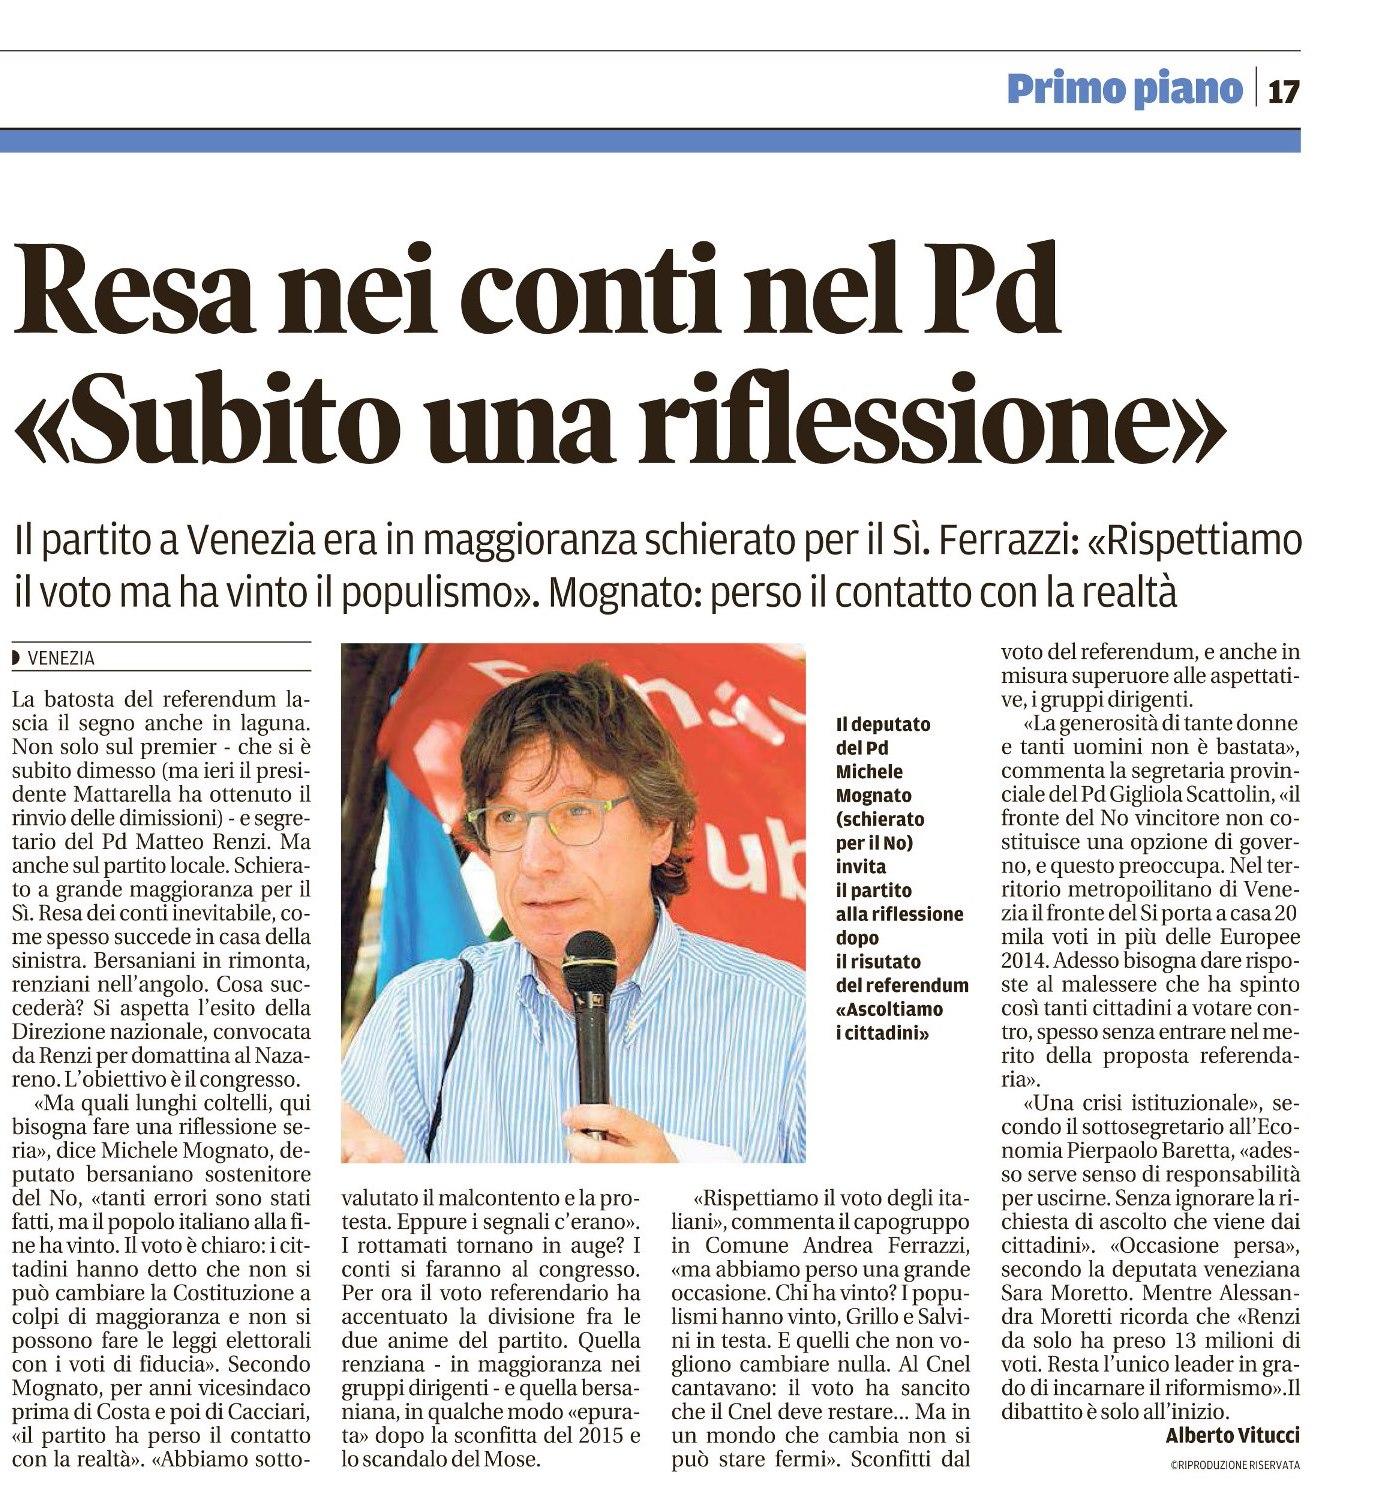 Resa dei conti nel PD, dichiarazione sottosegretario Baretta